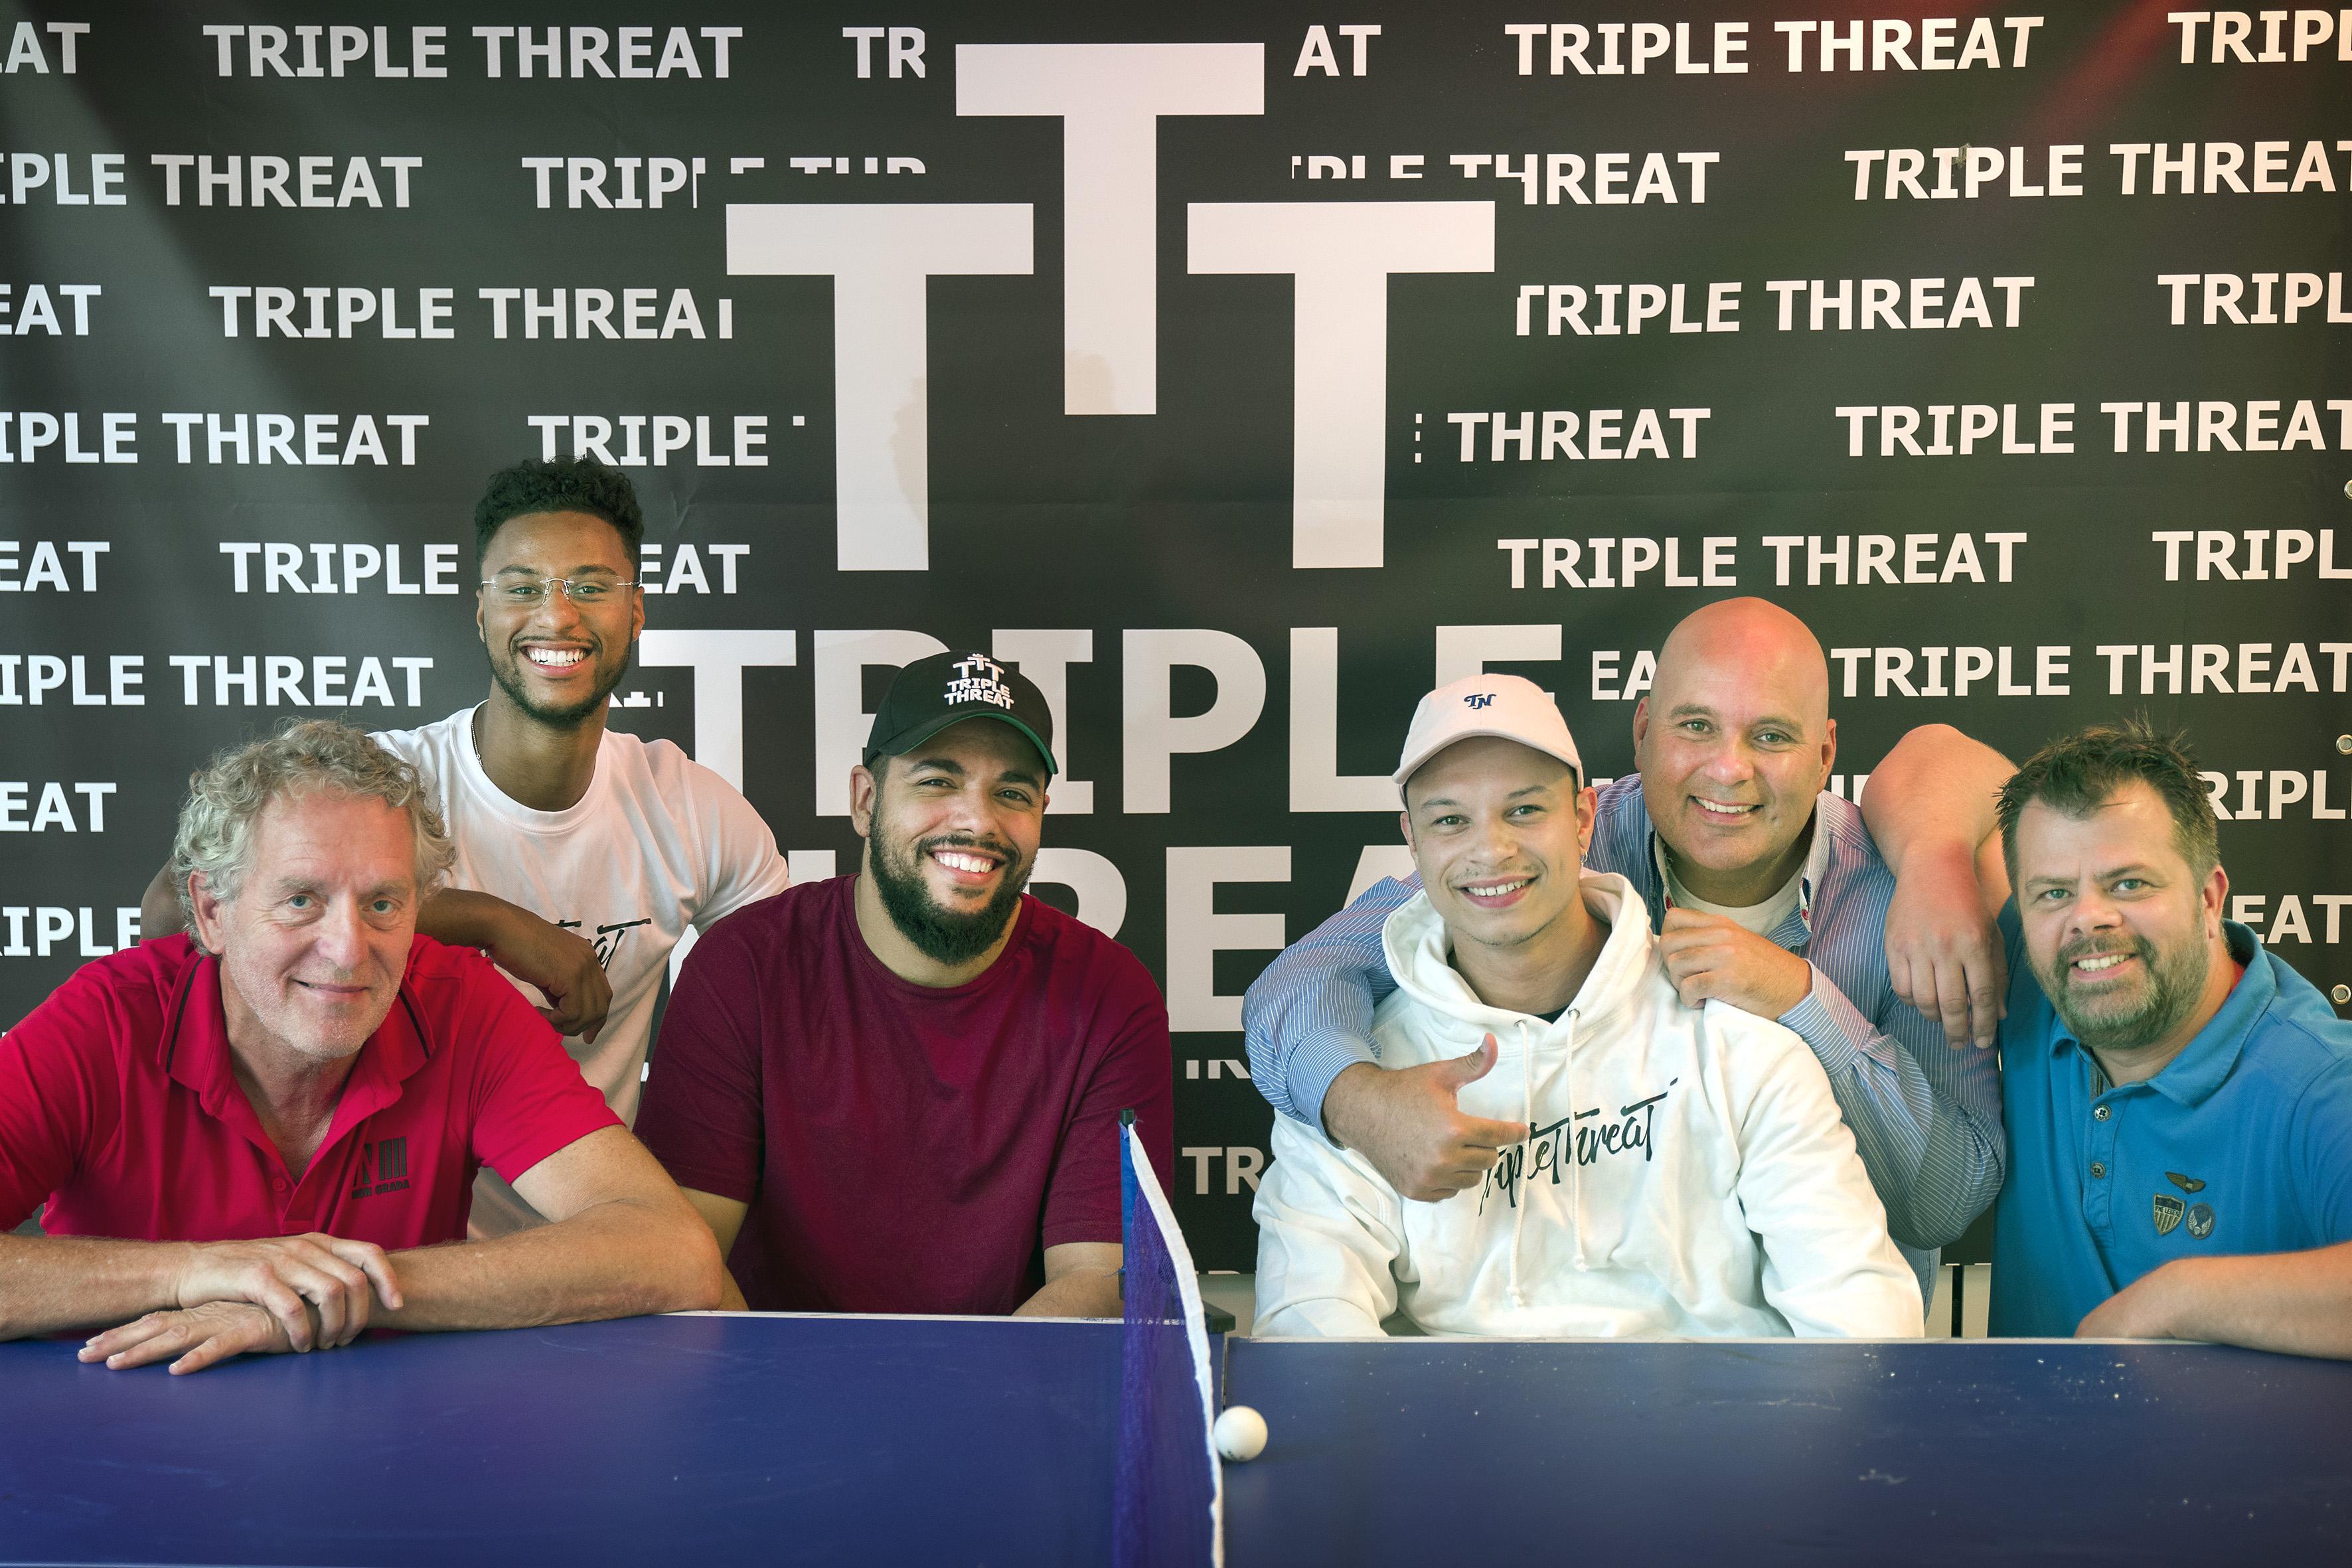 Triple Threat uitgeroepen tot Club van het Jaar 2019